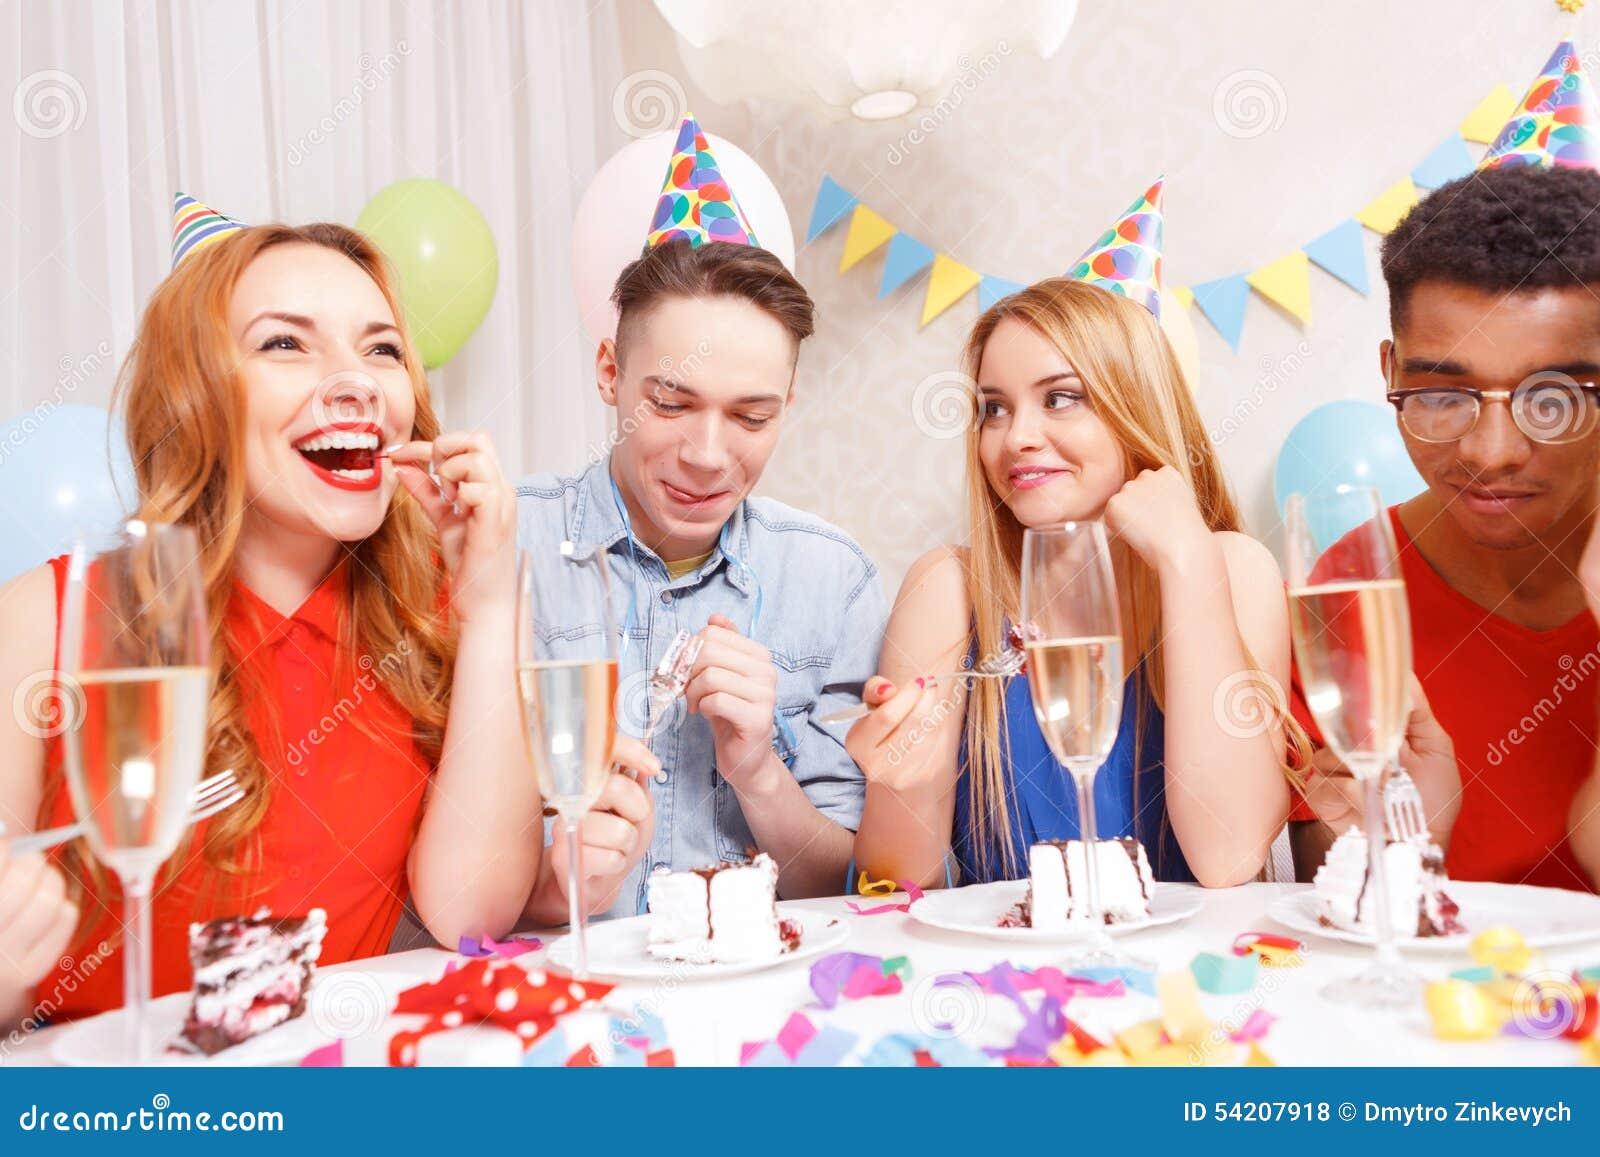 Ungdomarsom firar ett födelsedagsammanträde på